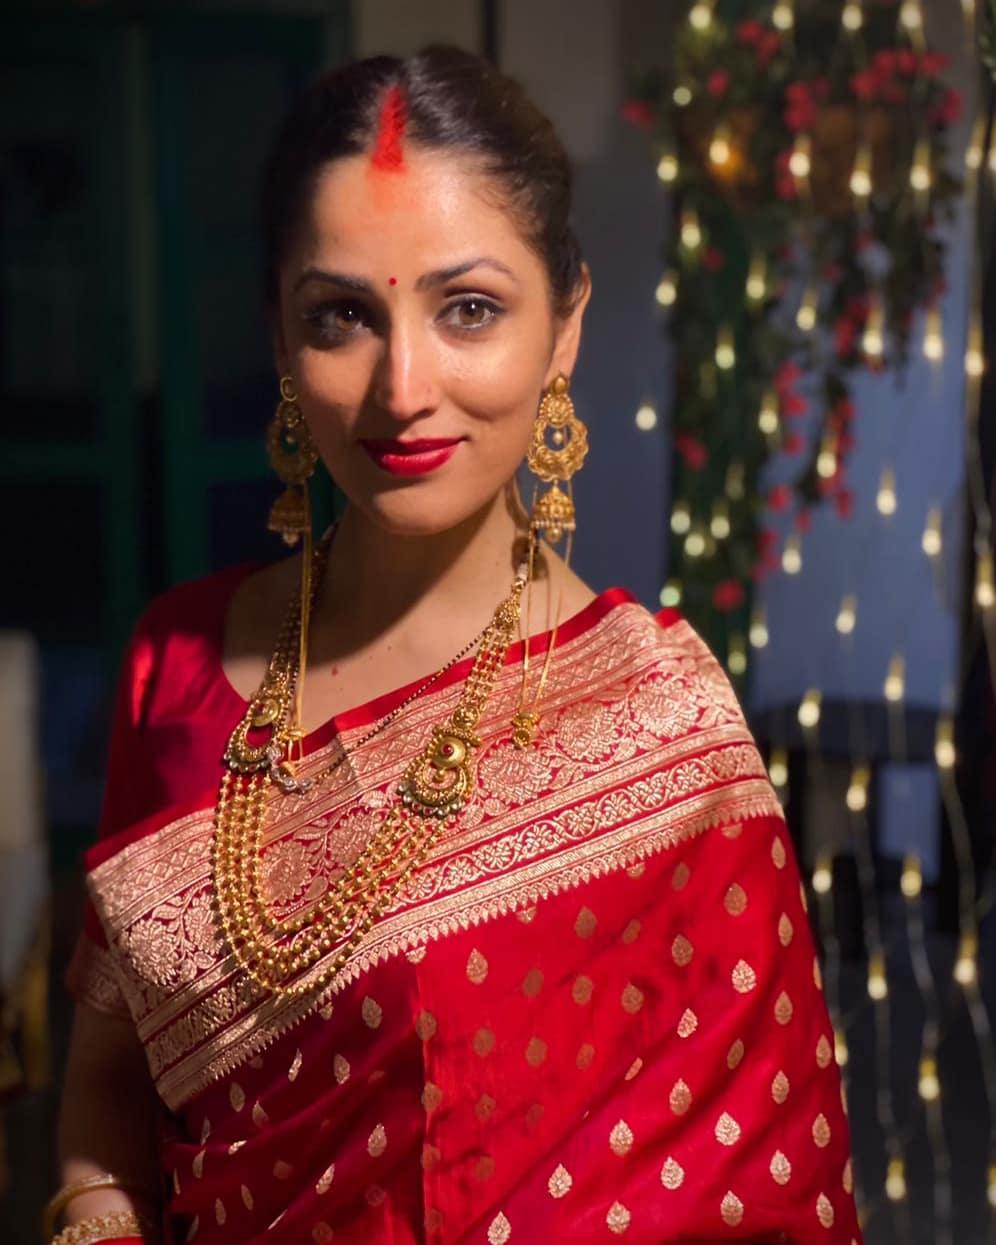 अपनी शादी में वह बेहद सादी लुक में नजर आईं, जो हर उस लड़की के लिए इंस्पिरेशन है, जो सिंपल तरीके से शादी करना चाहती हैं।